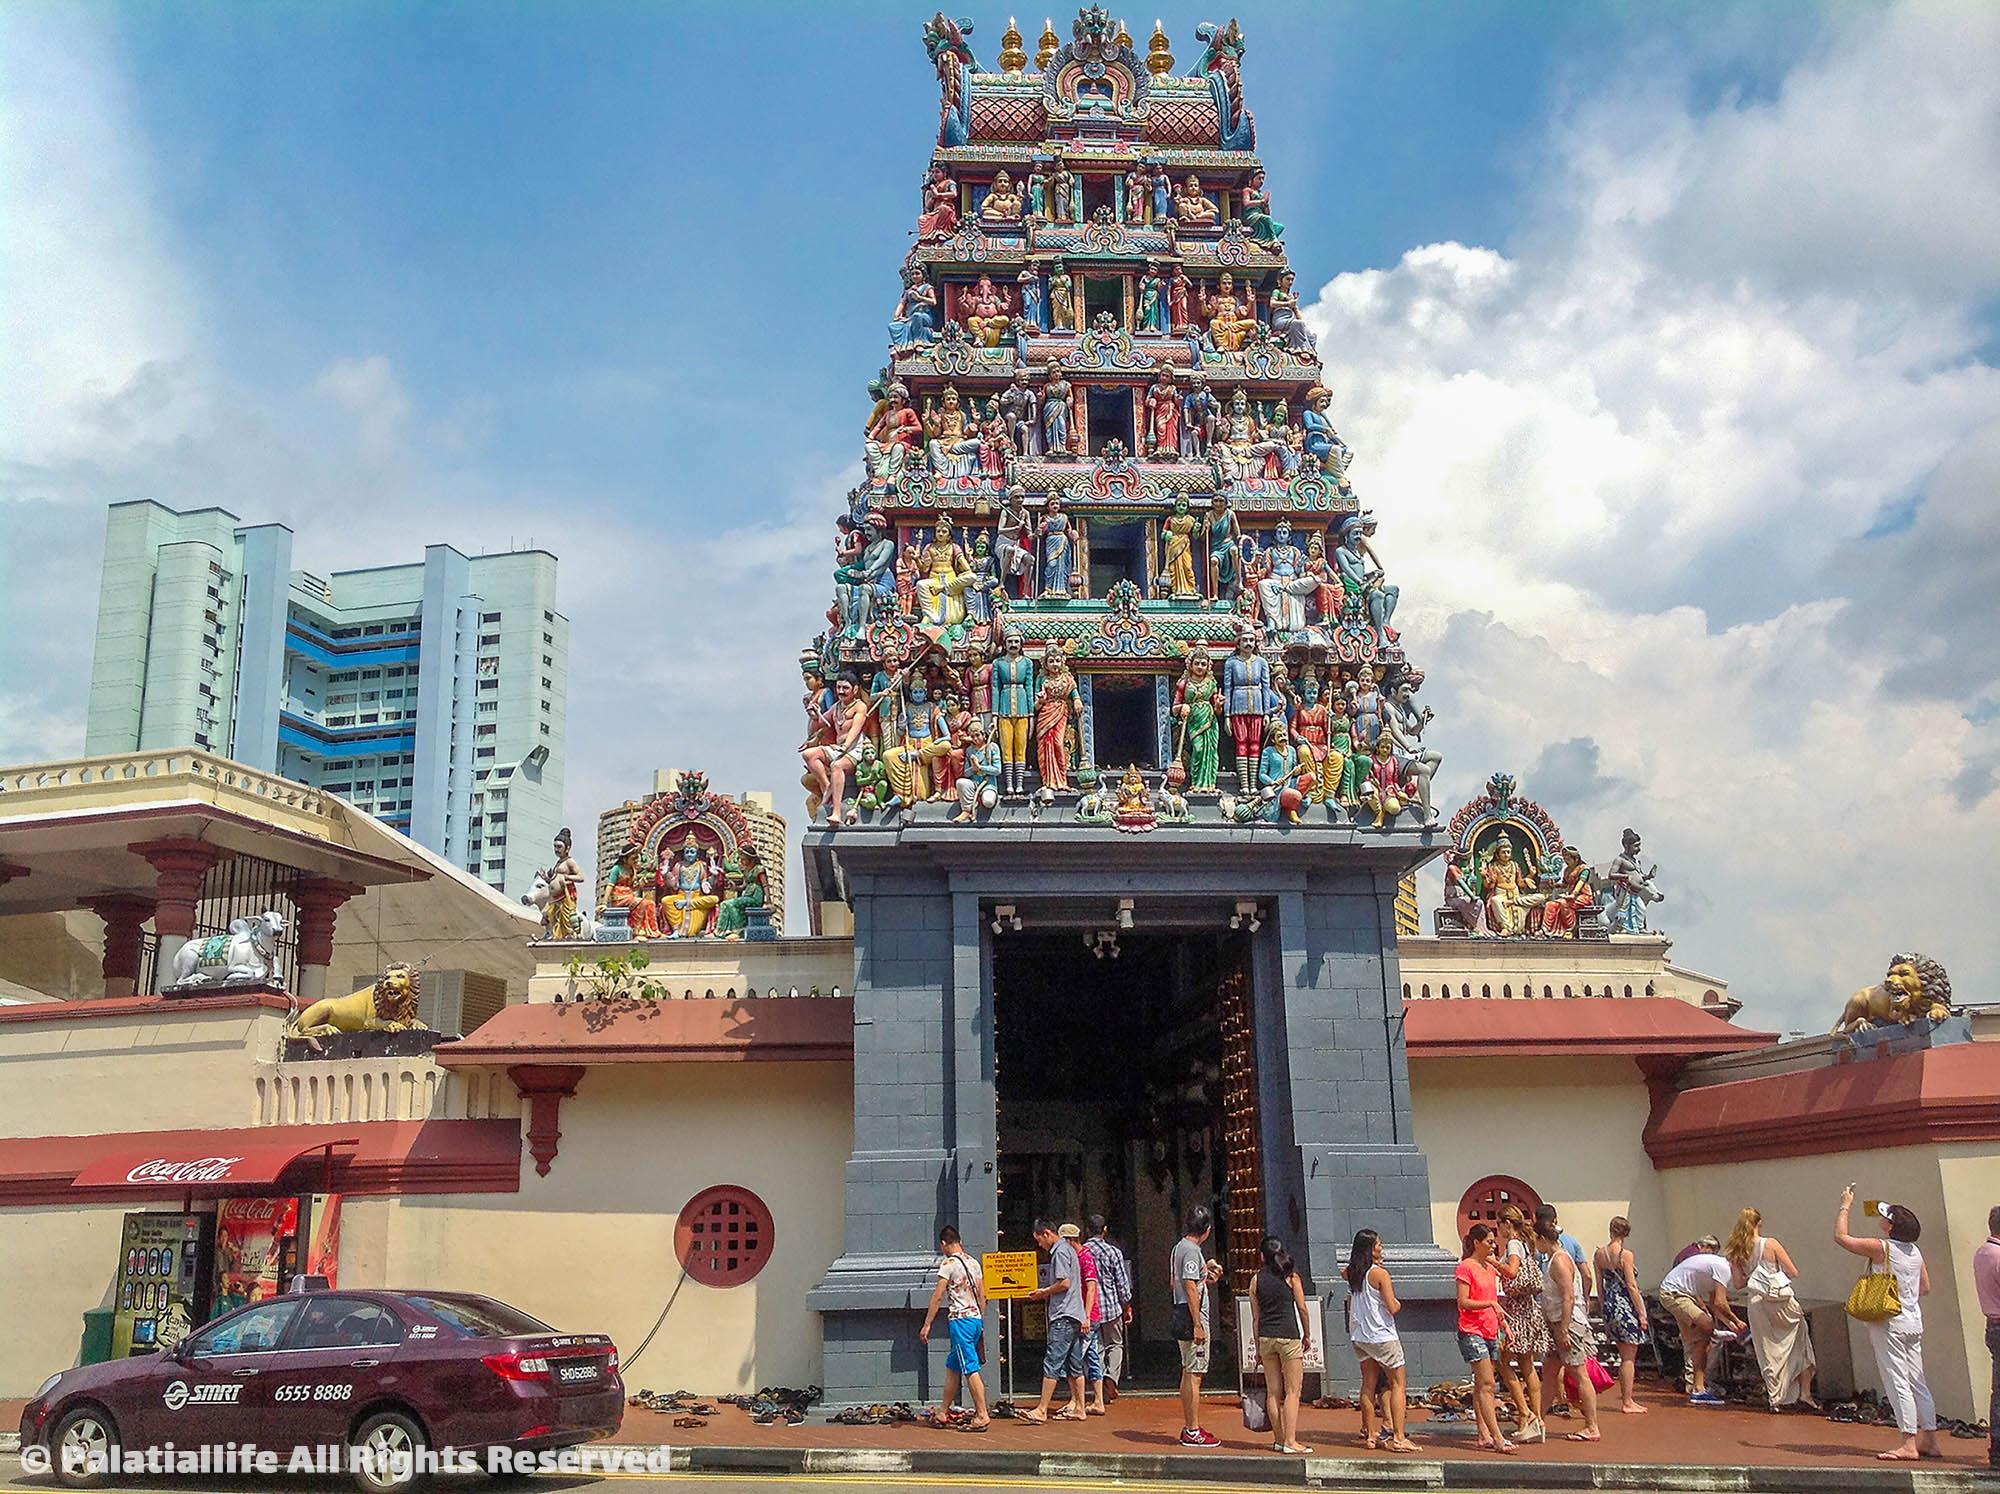 วัดแขกศรีมาริอัมมันต์ (Sri Mariamman Temple)  สิงคโปร์ เที่ยวเตร็ดเตร่ไปตาม 5 ย่านยอดฮิตที่ไม่ควรพลาด IMG 2964